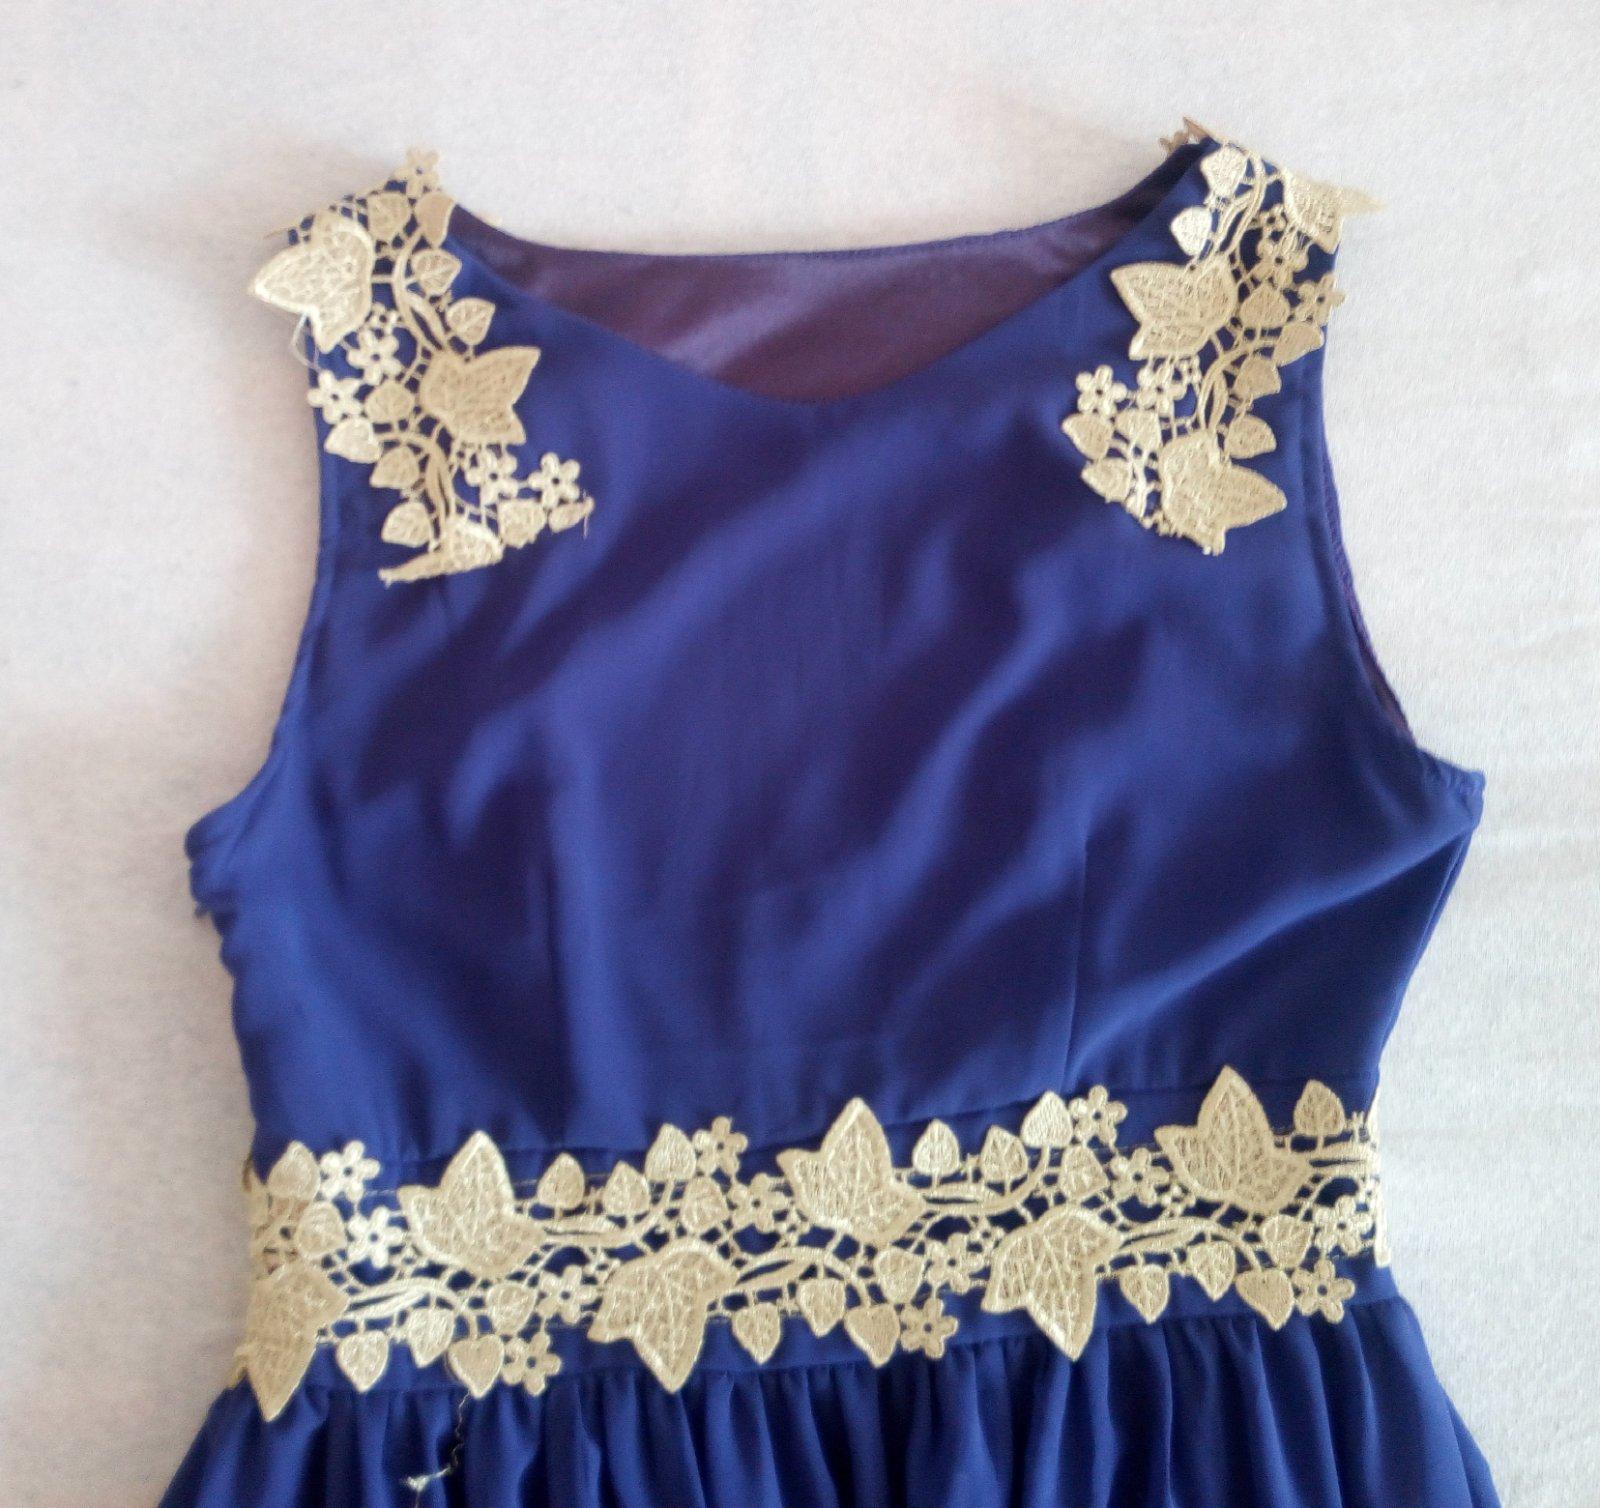 Fialové dlhé spoločenské šaty XS/S - Obrázok č. 2